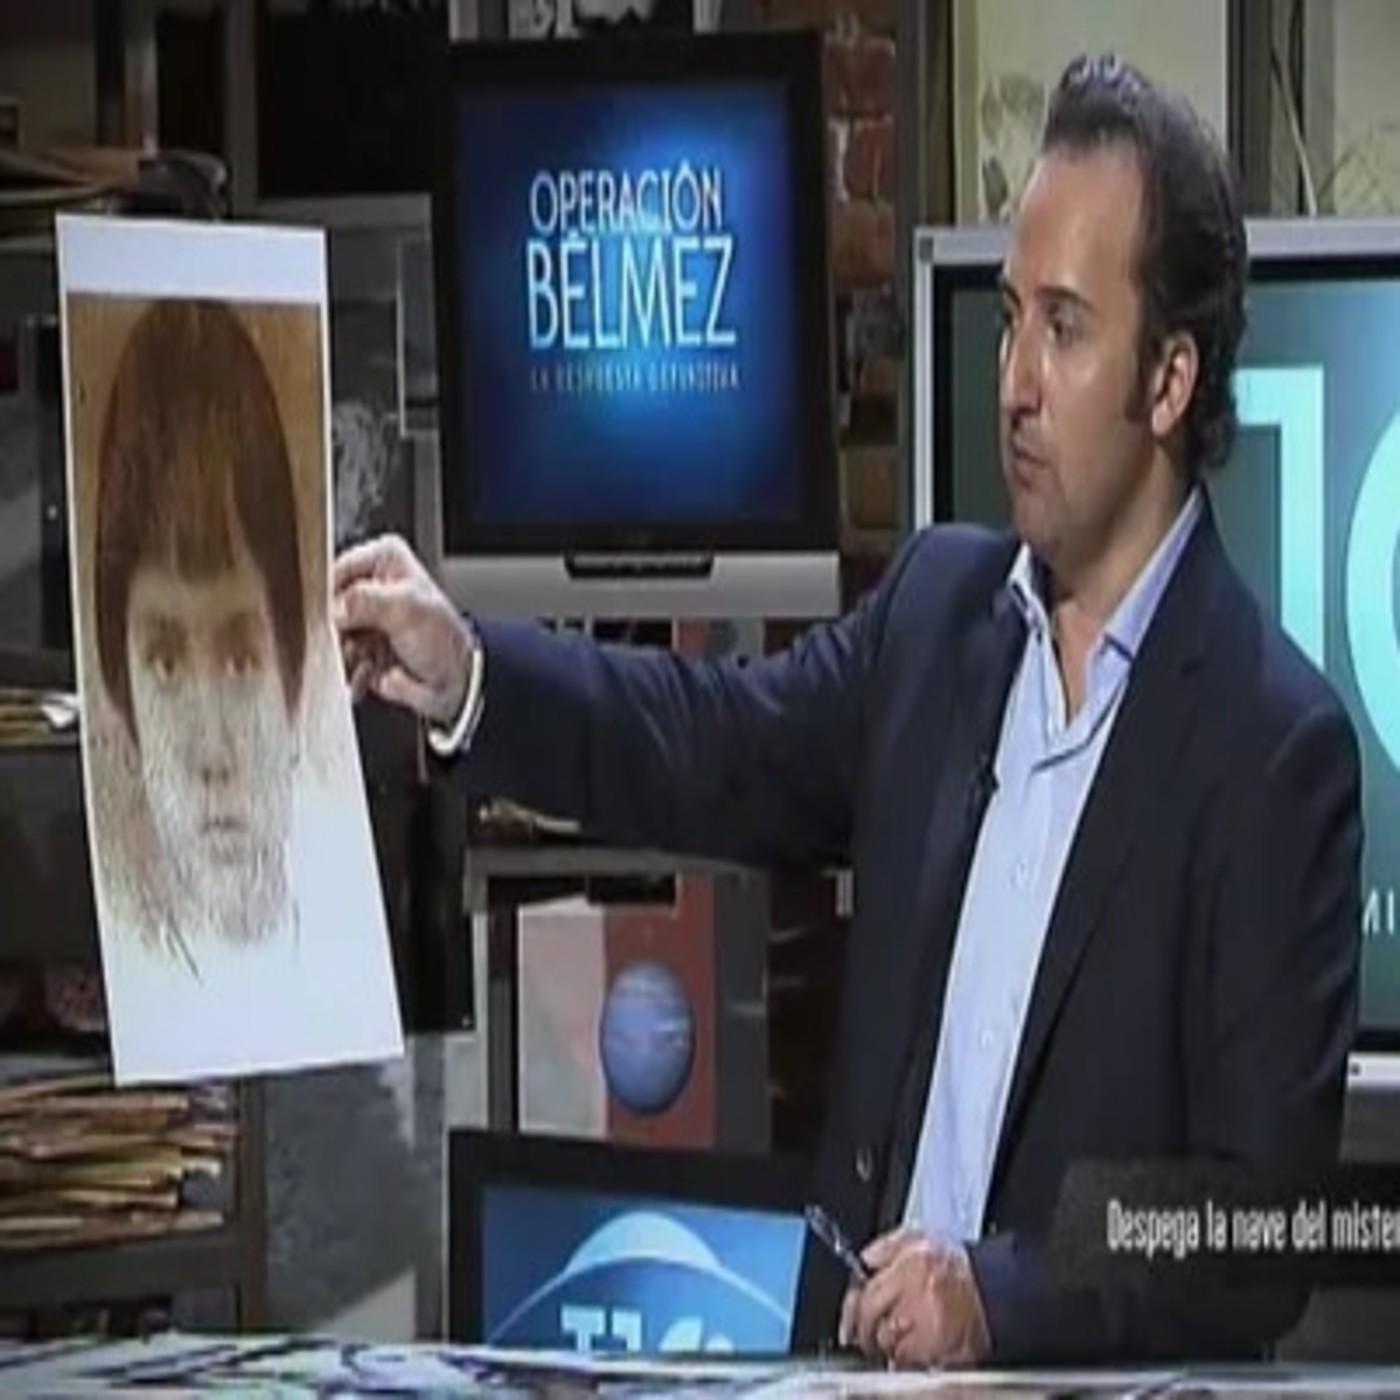 Cuarto Milenio: Operación Bélmez (2014)